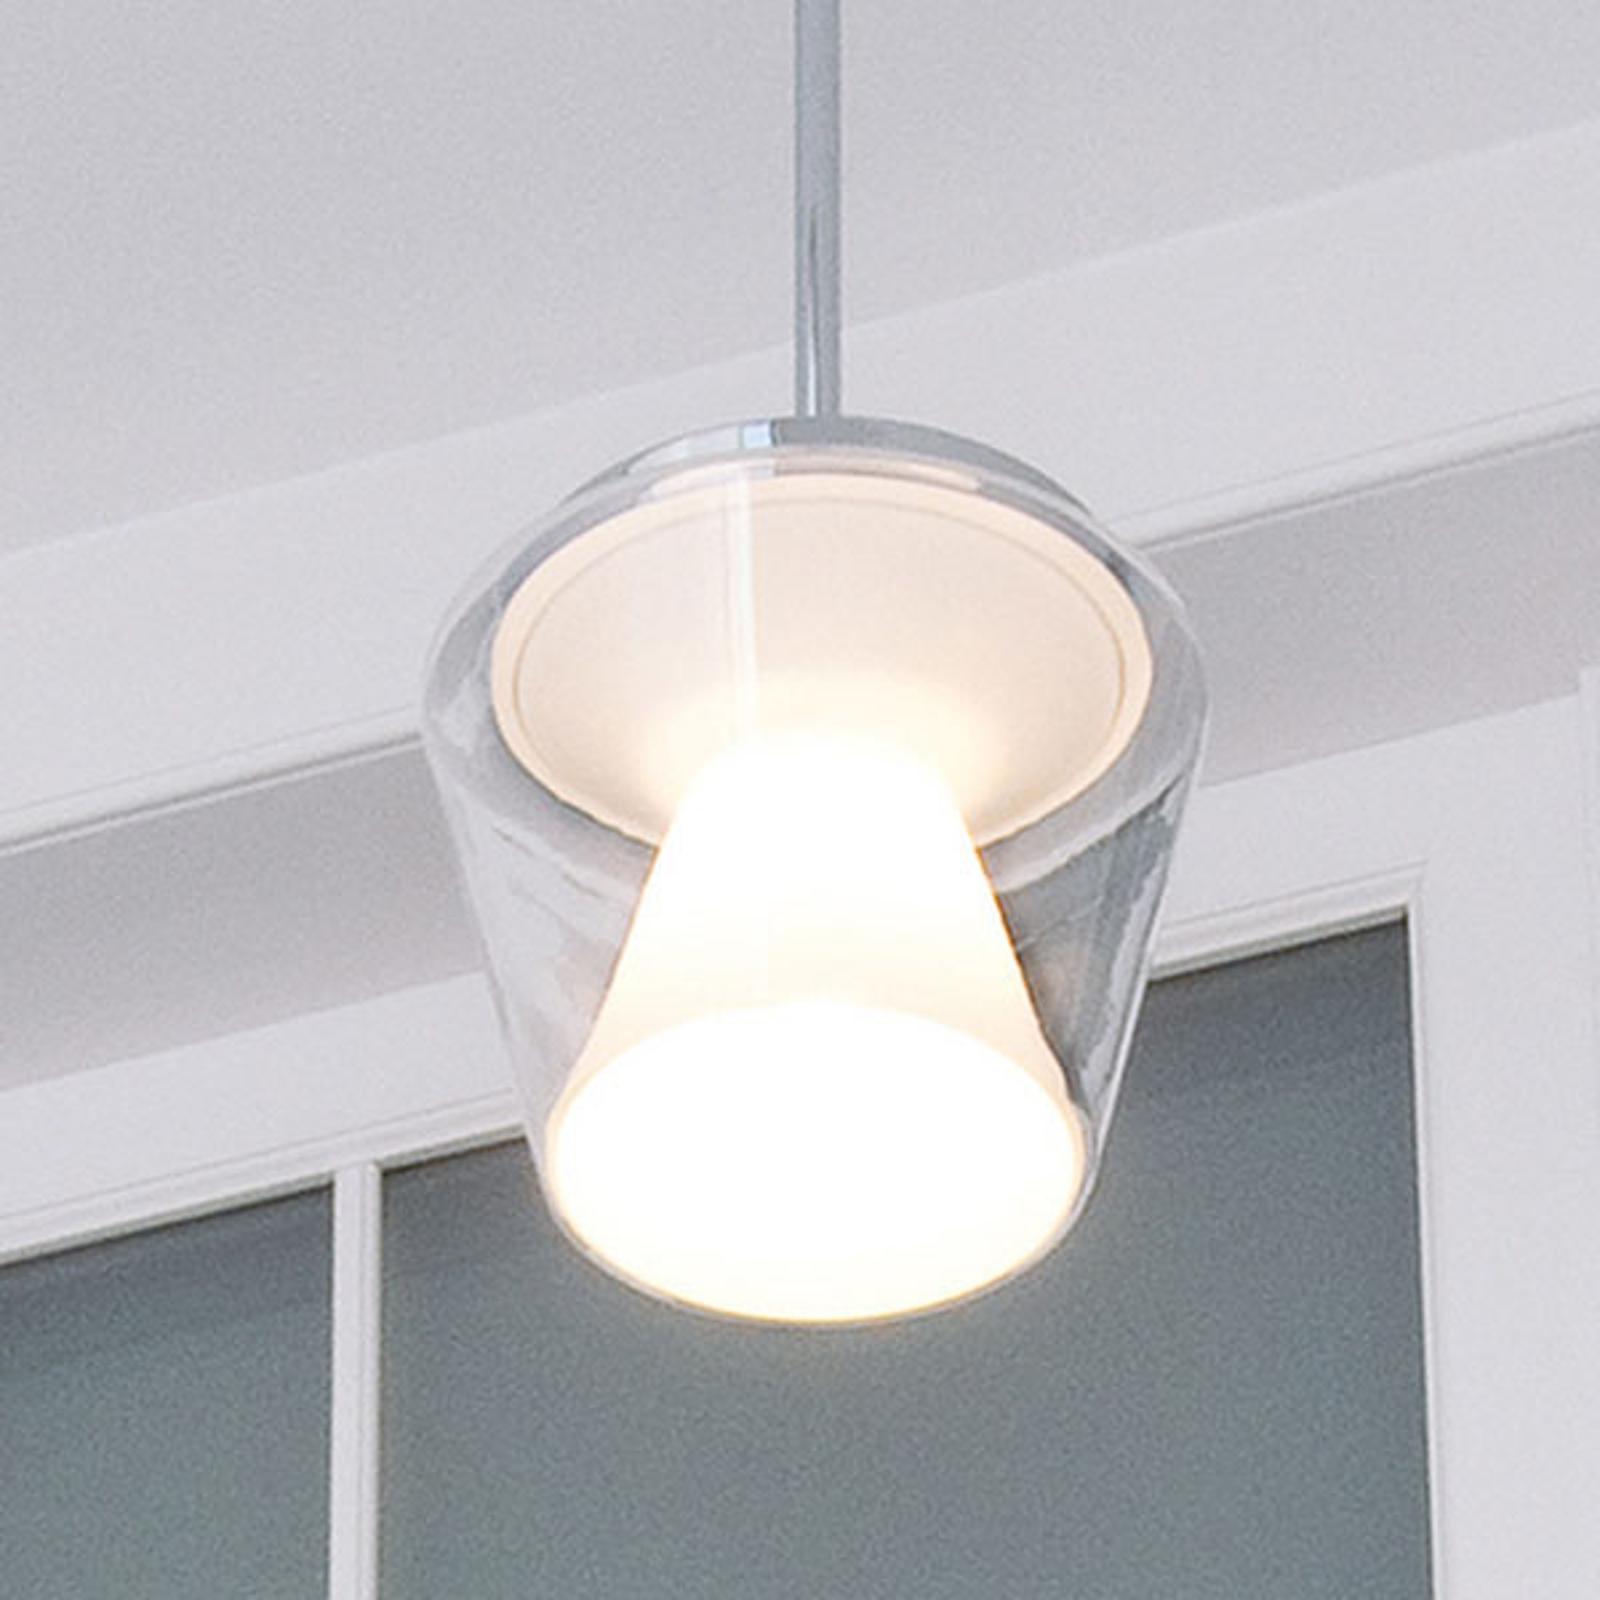 serien.lighting Annex M pendel 13 W 2.700 K, opal